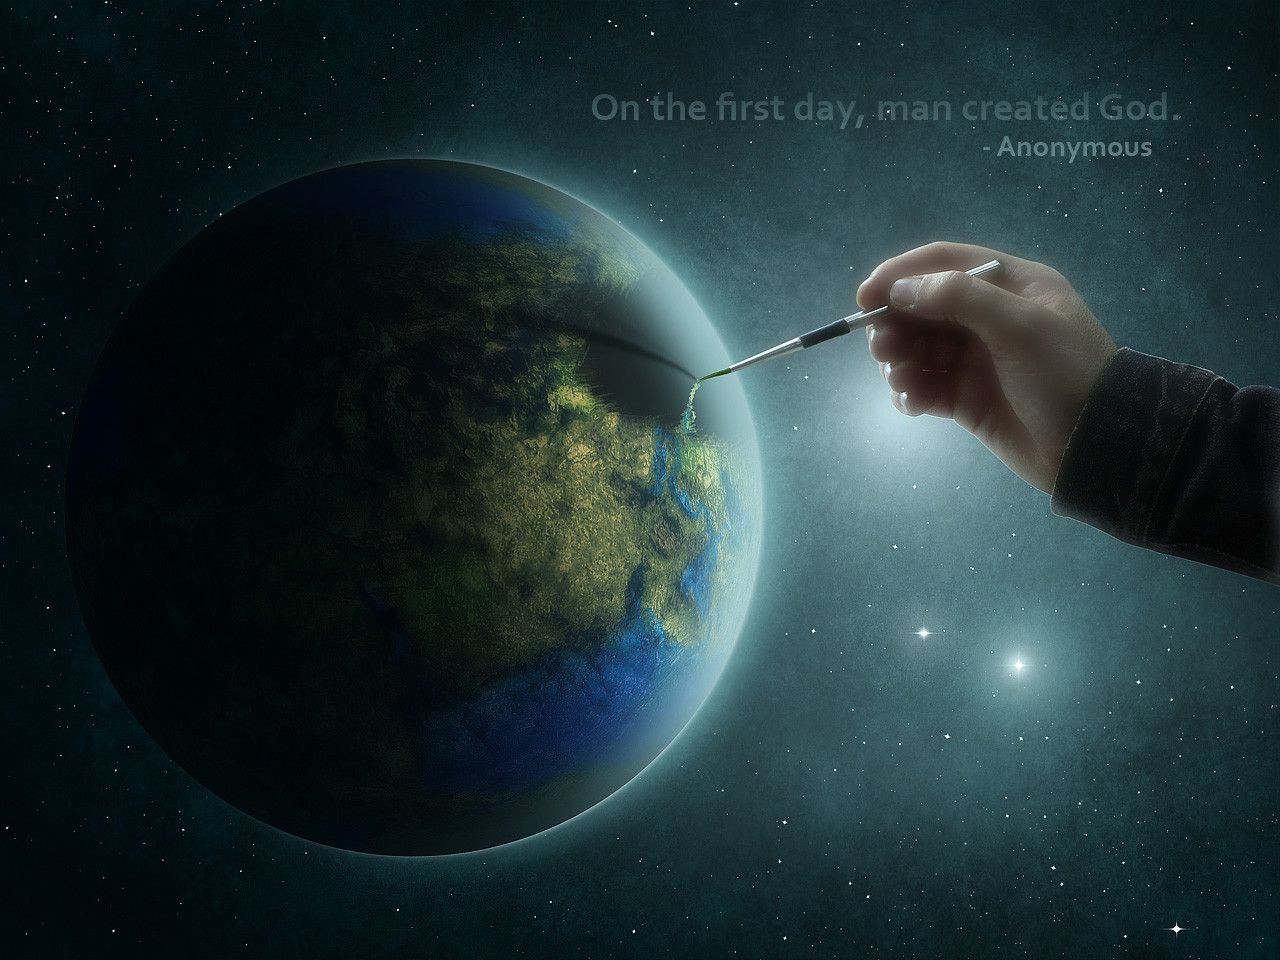 Είναι η θρησκεία επιστημονική υπόθεση;